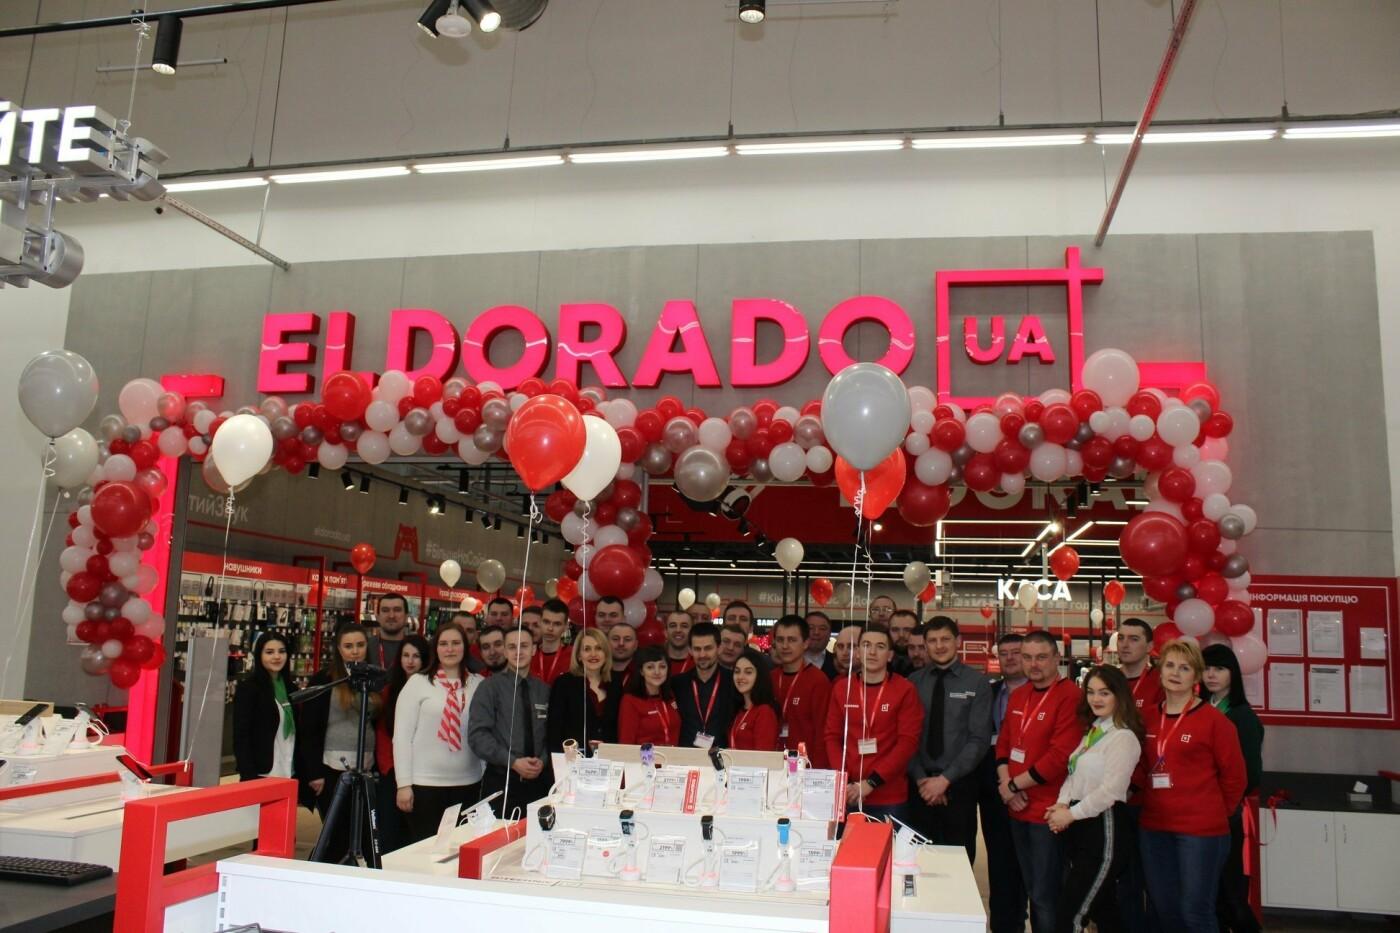 """Акції та знижки від """"Eldorado"""" в новому магазині в Кам'янці-Подільському, фото-2"""